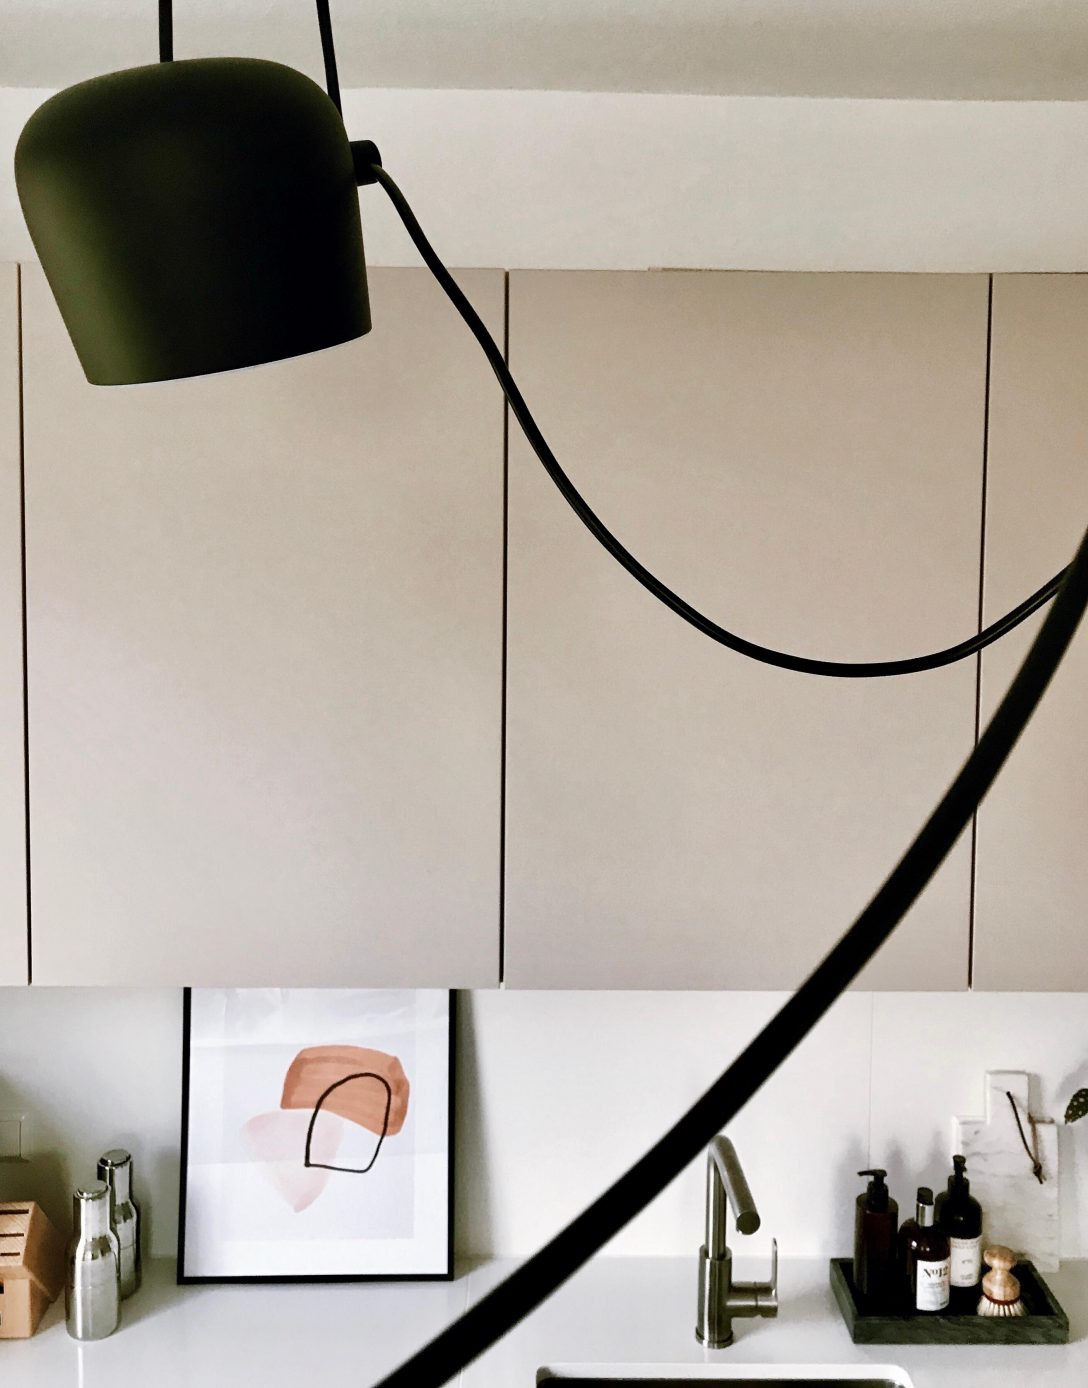 Large Size of Küche Anthrazit Müllsystem Laminat Fürs Bad Tapete Modern Eckschrank Spiegelschrank Für Alarmanlagen Fenster Und Türen Was Kostet Eine Winkel Wohnzimmer Lampen Für Küche